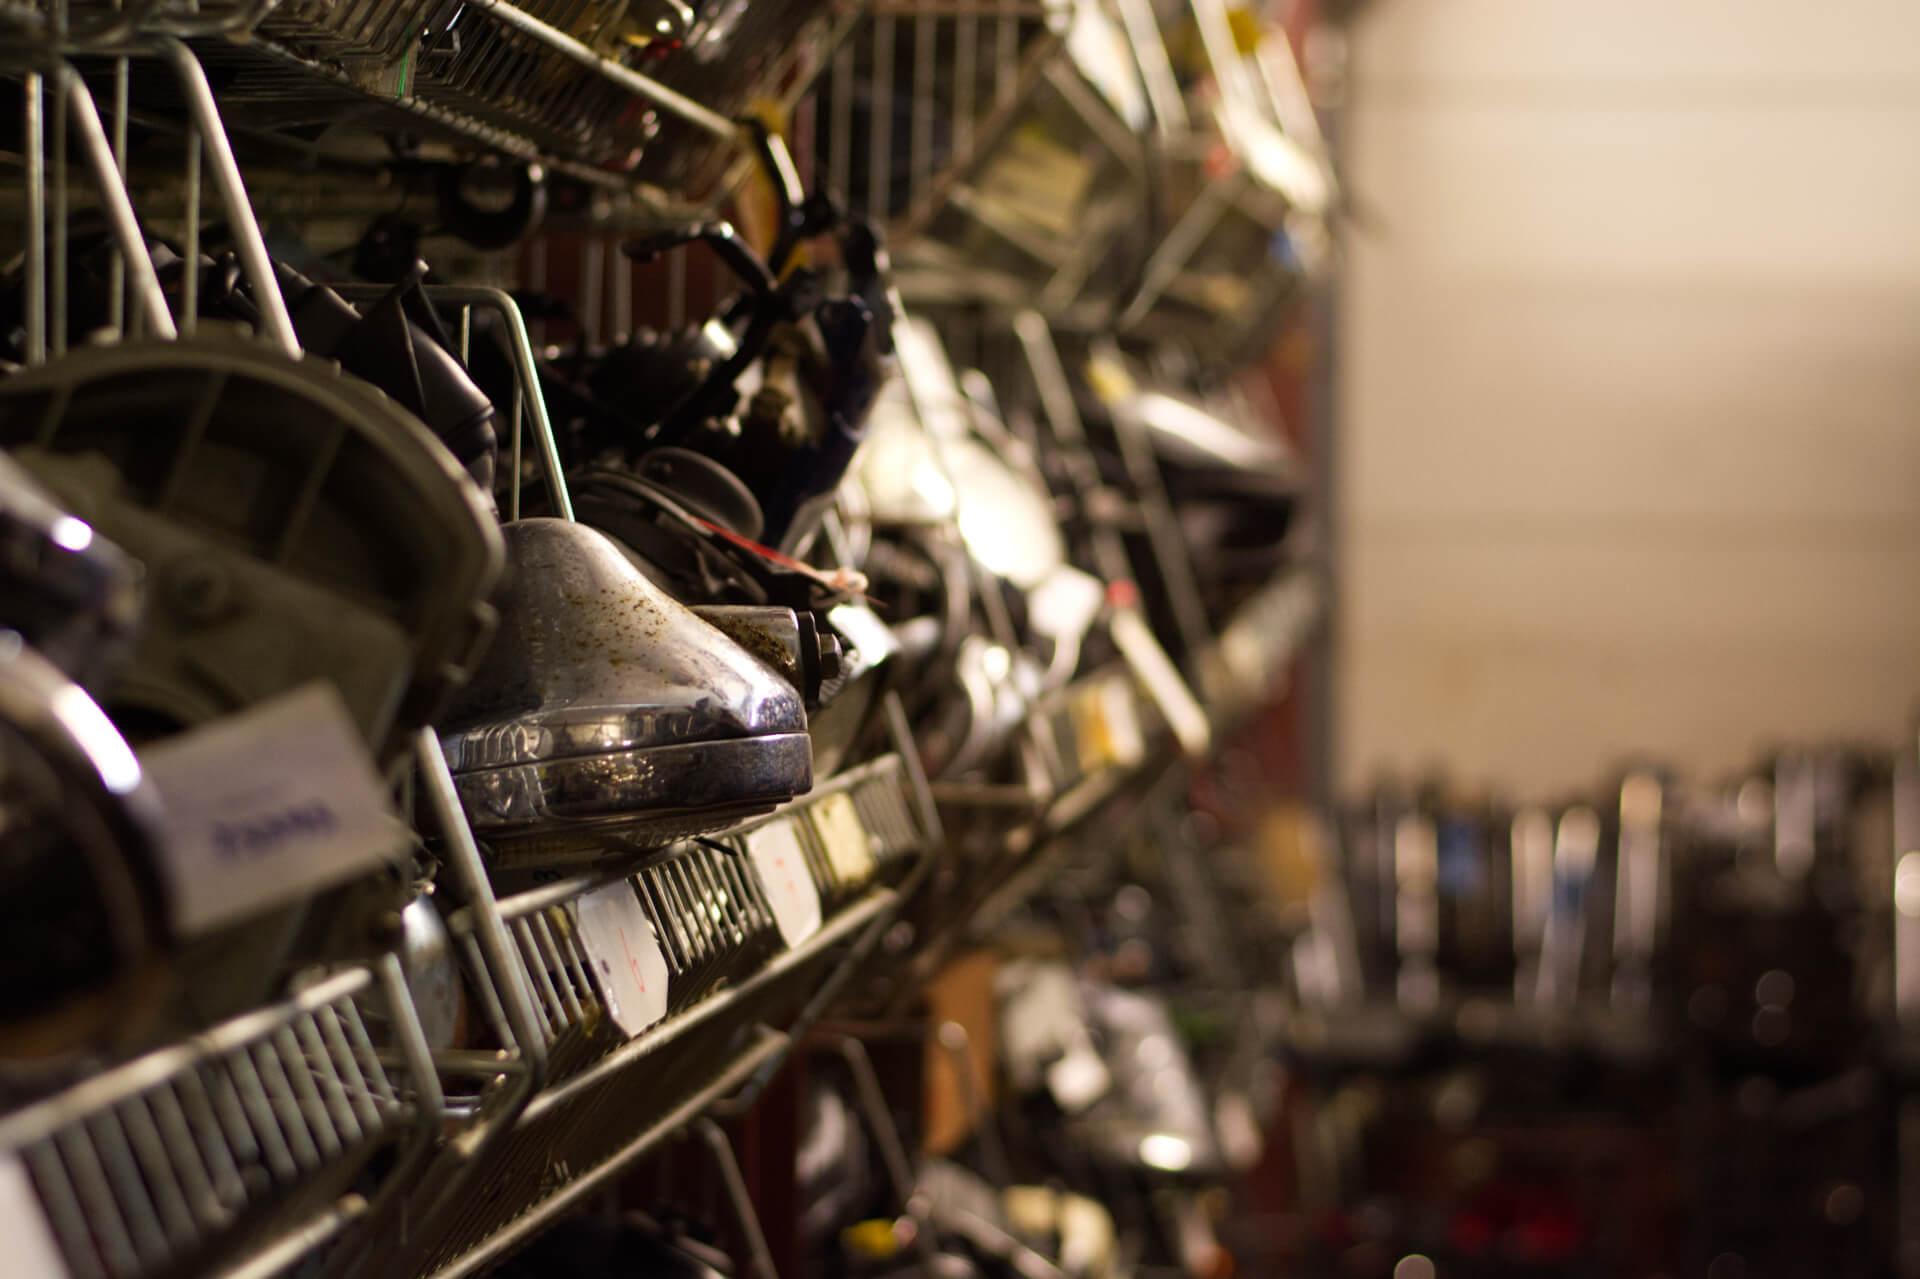 Woesthoff Used Parts & Motorcycles te Brummen - Gebruikte Motor Onderdelen